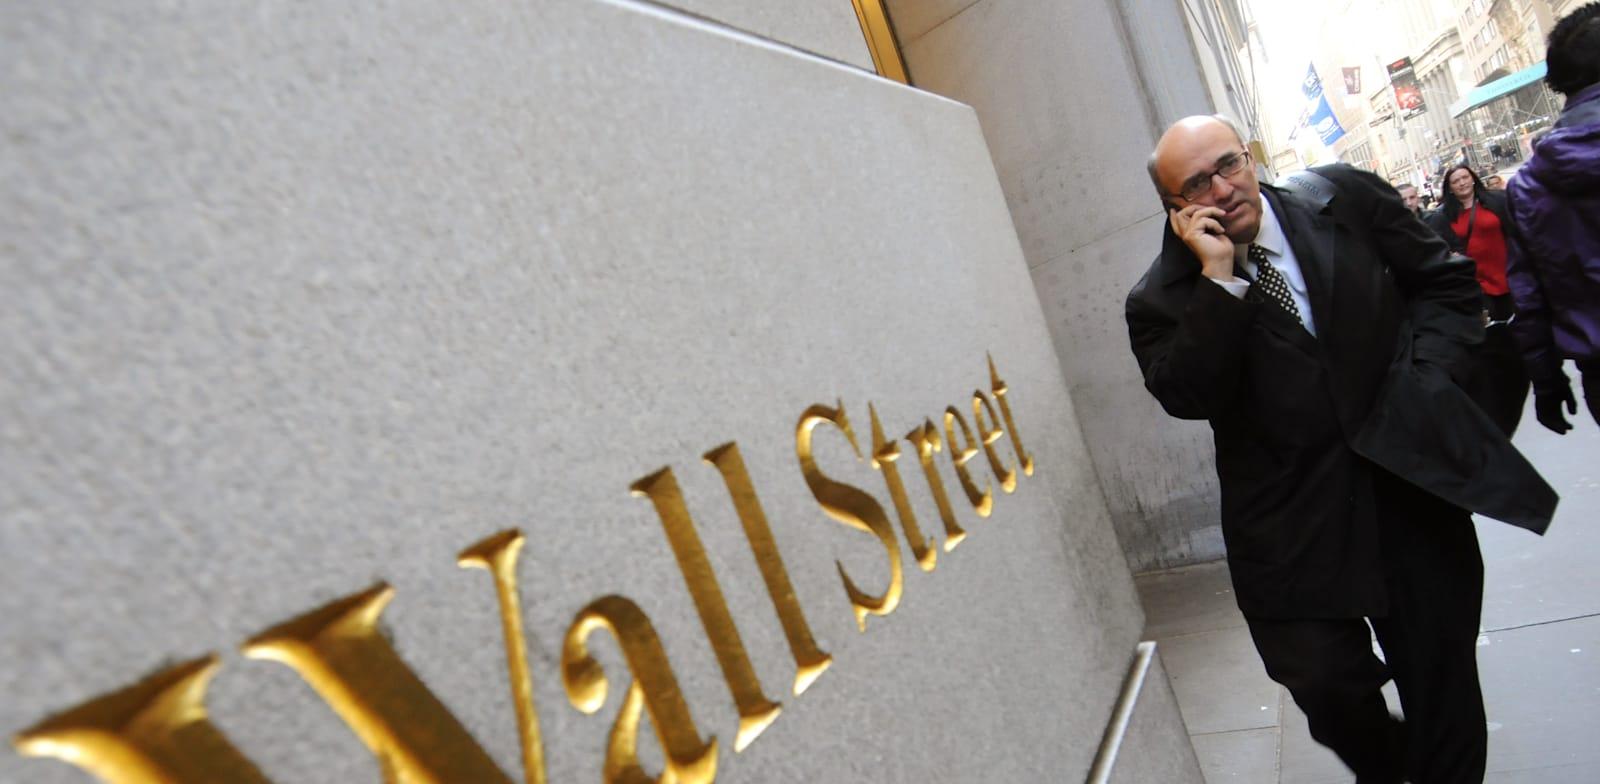 נראה שהשווקים נמצאים בבועה. מה יעשו המשקיעים עכשיו? / אילוסטרציה: Shutterstock, Bumble Dee